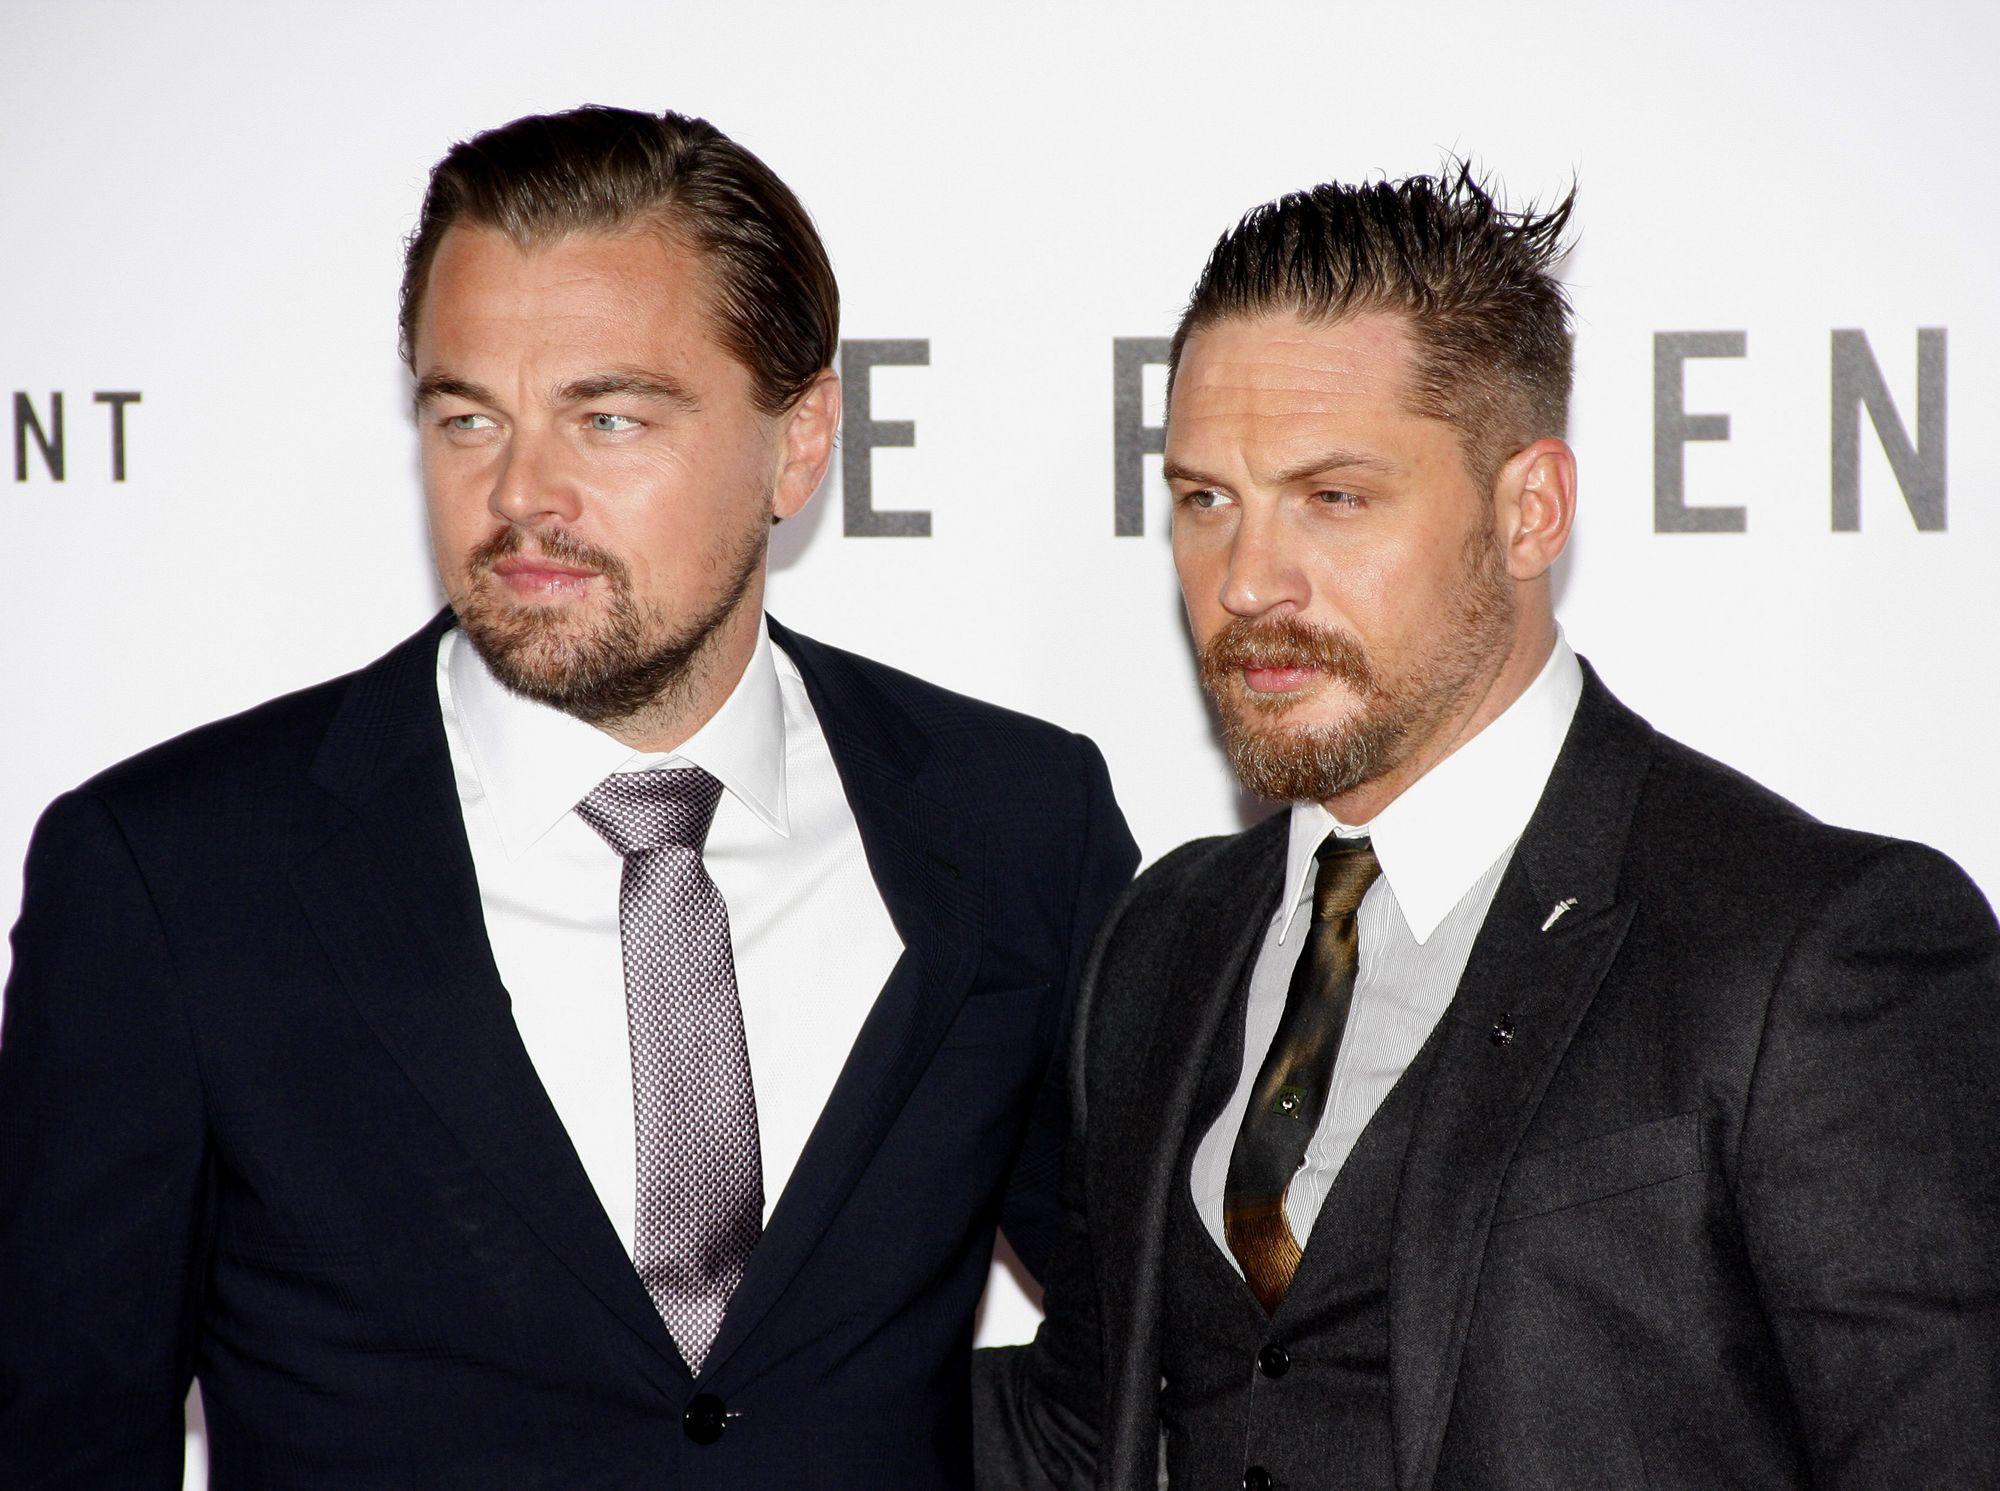 Oscars Consolation Prize